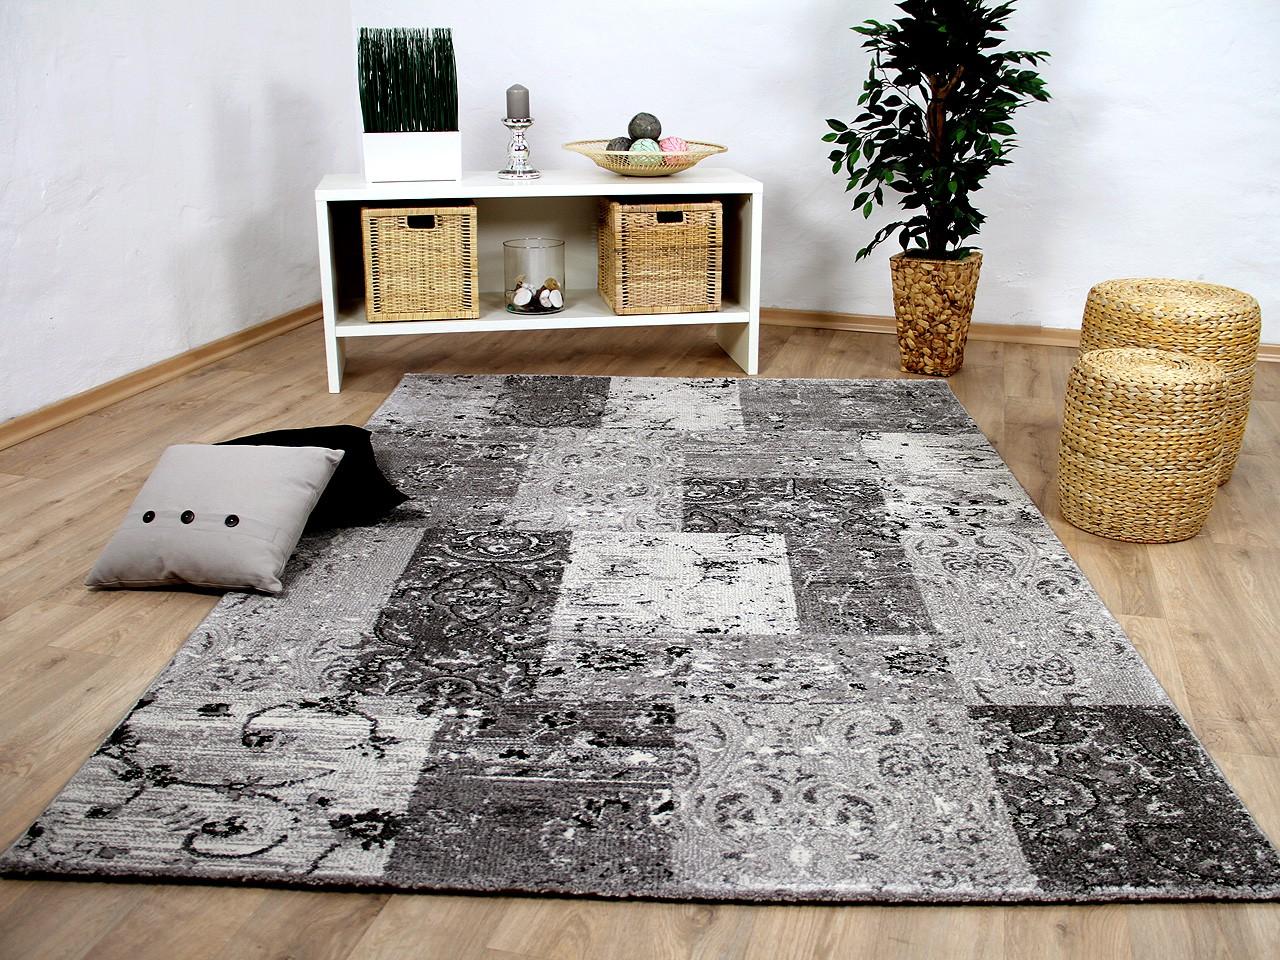 designer teppich sevilla modern grau karo barock teppiche designerteppiche sevilla teppiche. Black Bedroom Furniture Sets. Home Design Ideas